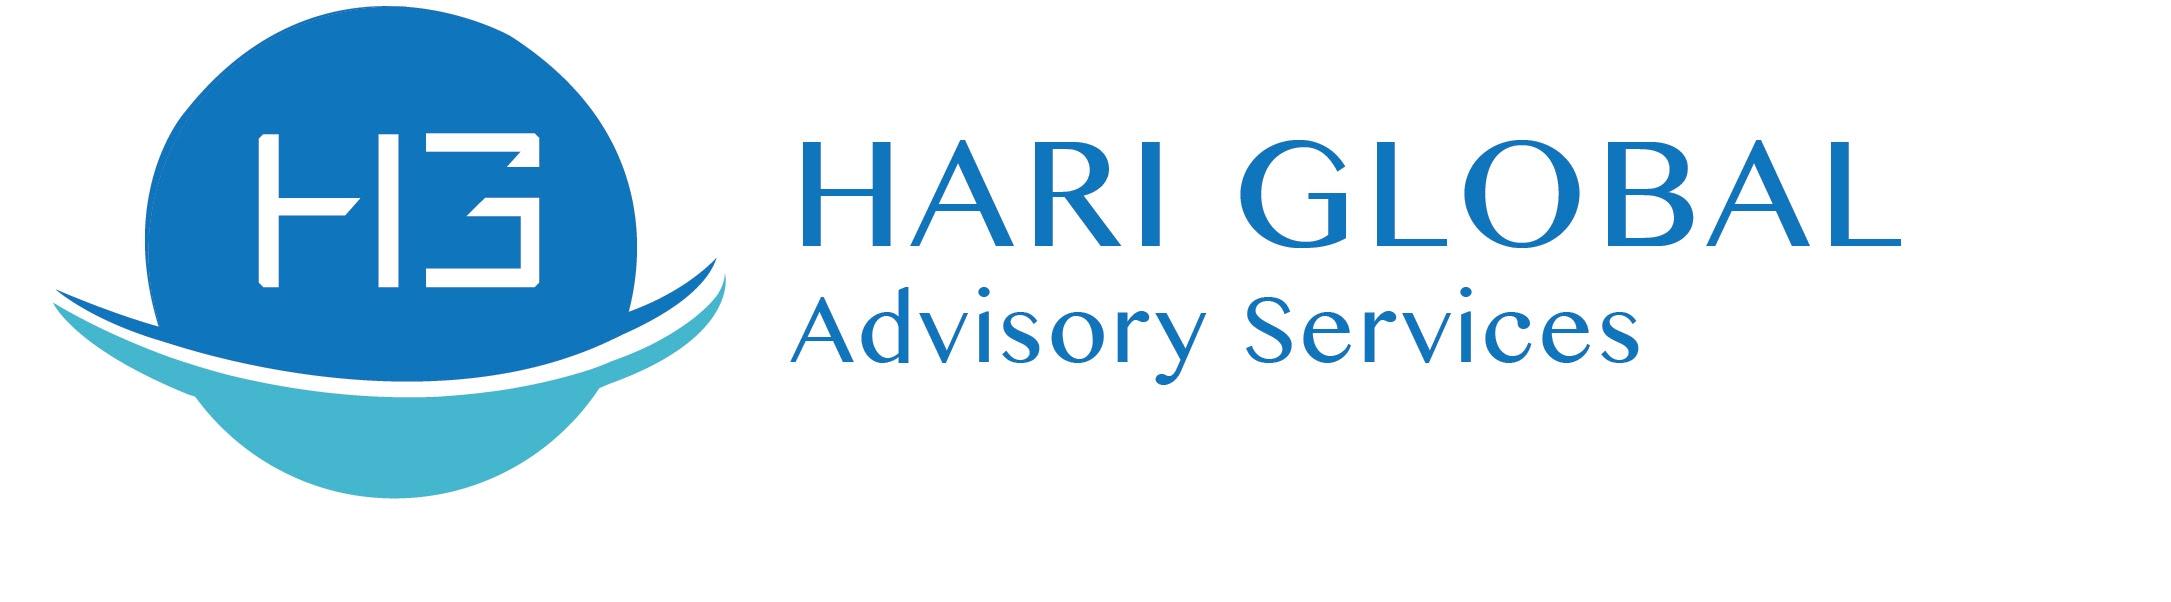 JOB POST: Hari Global Advisory Services, New Delhi